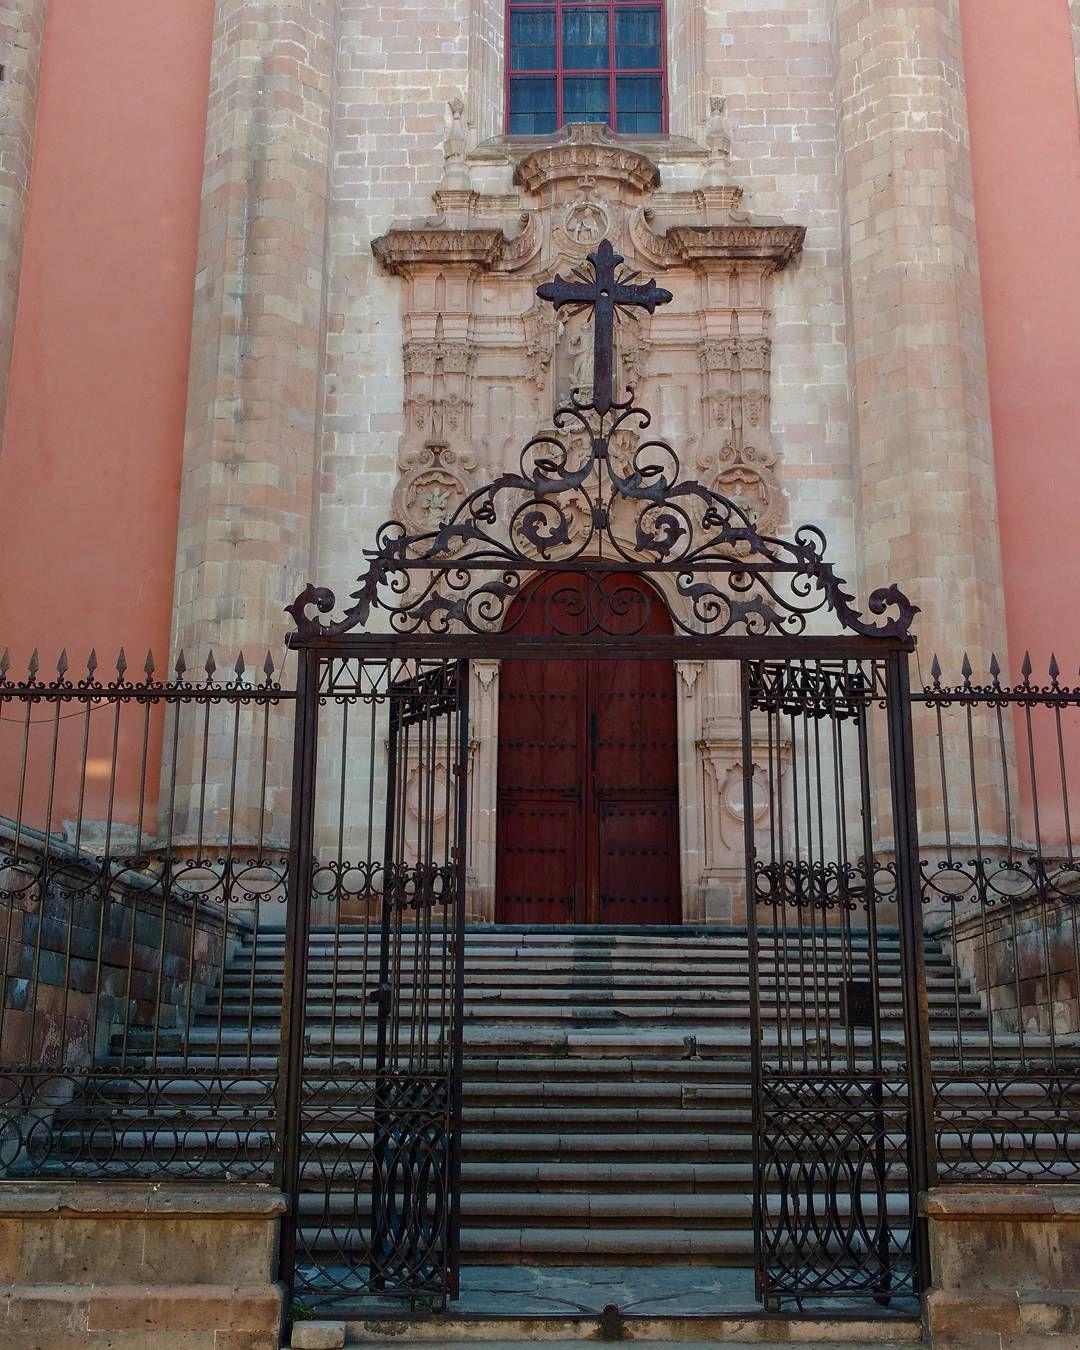 Acceso lateral a la Parroquia de Nuestra Señora de la Asunción. #lagosdemoreno #jalisco #mexico #pueblomagico #templosmx #vive_mexico #viewmex #jaliscoesmexico #visitmexico #detripmx #ig_captures #ig_mexico #ig_captures (en Lagos de Moreno Pueblo Mágico)